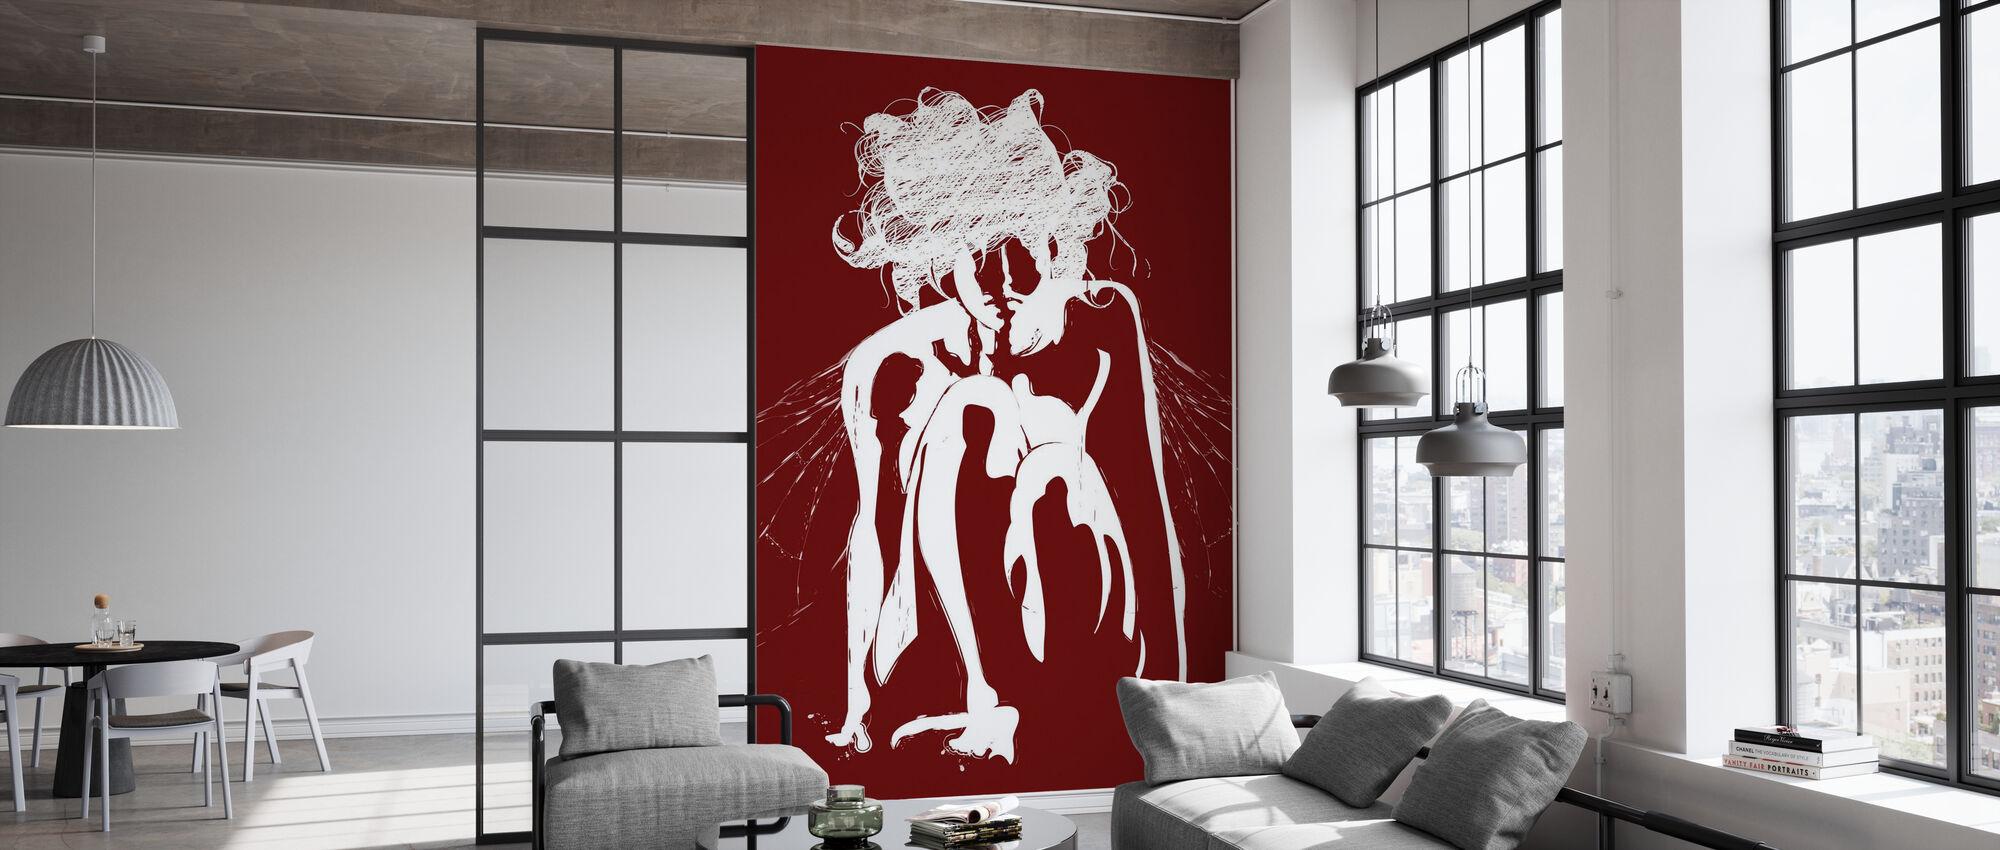 Tinker - Rouge - Papier peint - Bureau